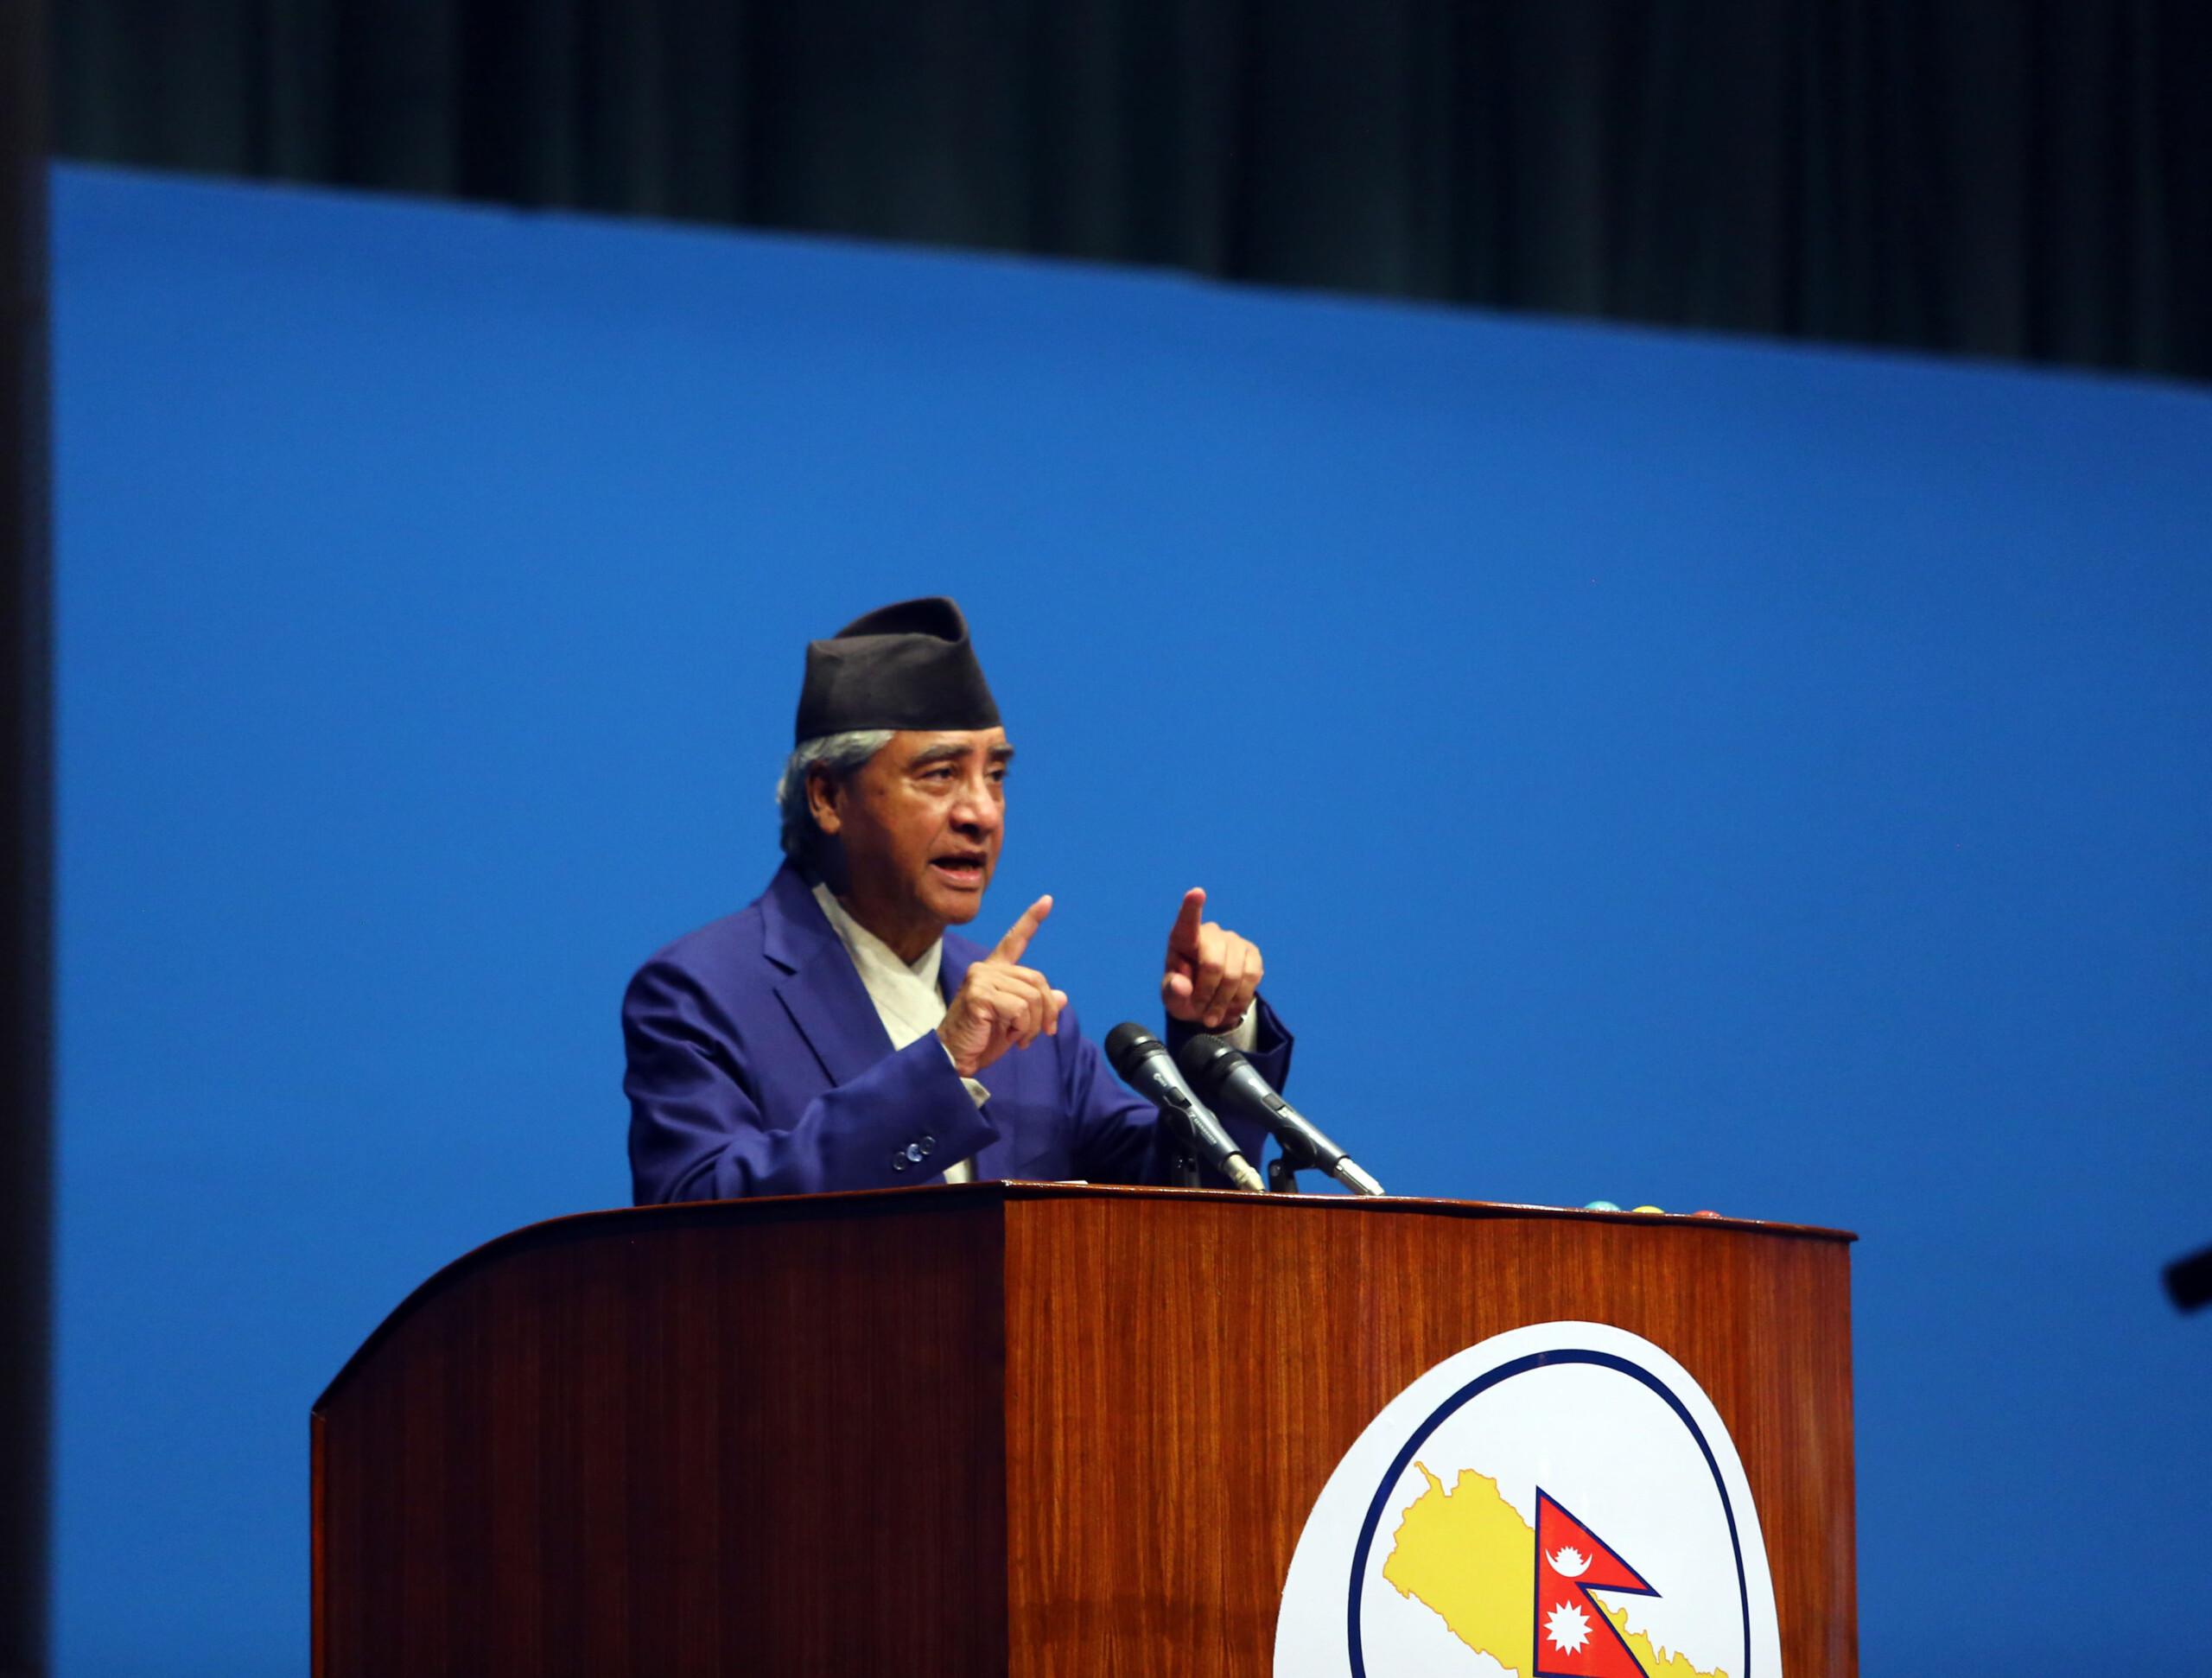 संविधान संशोधनमा राष्ट्रिय एकता झल्किएको छः सभापति देउवा